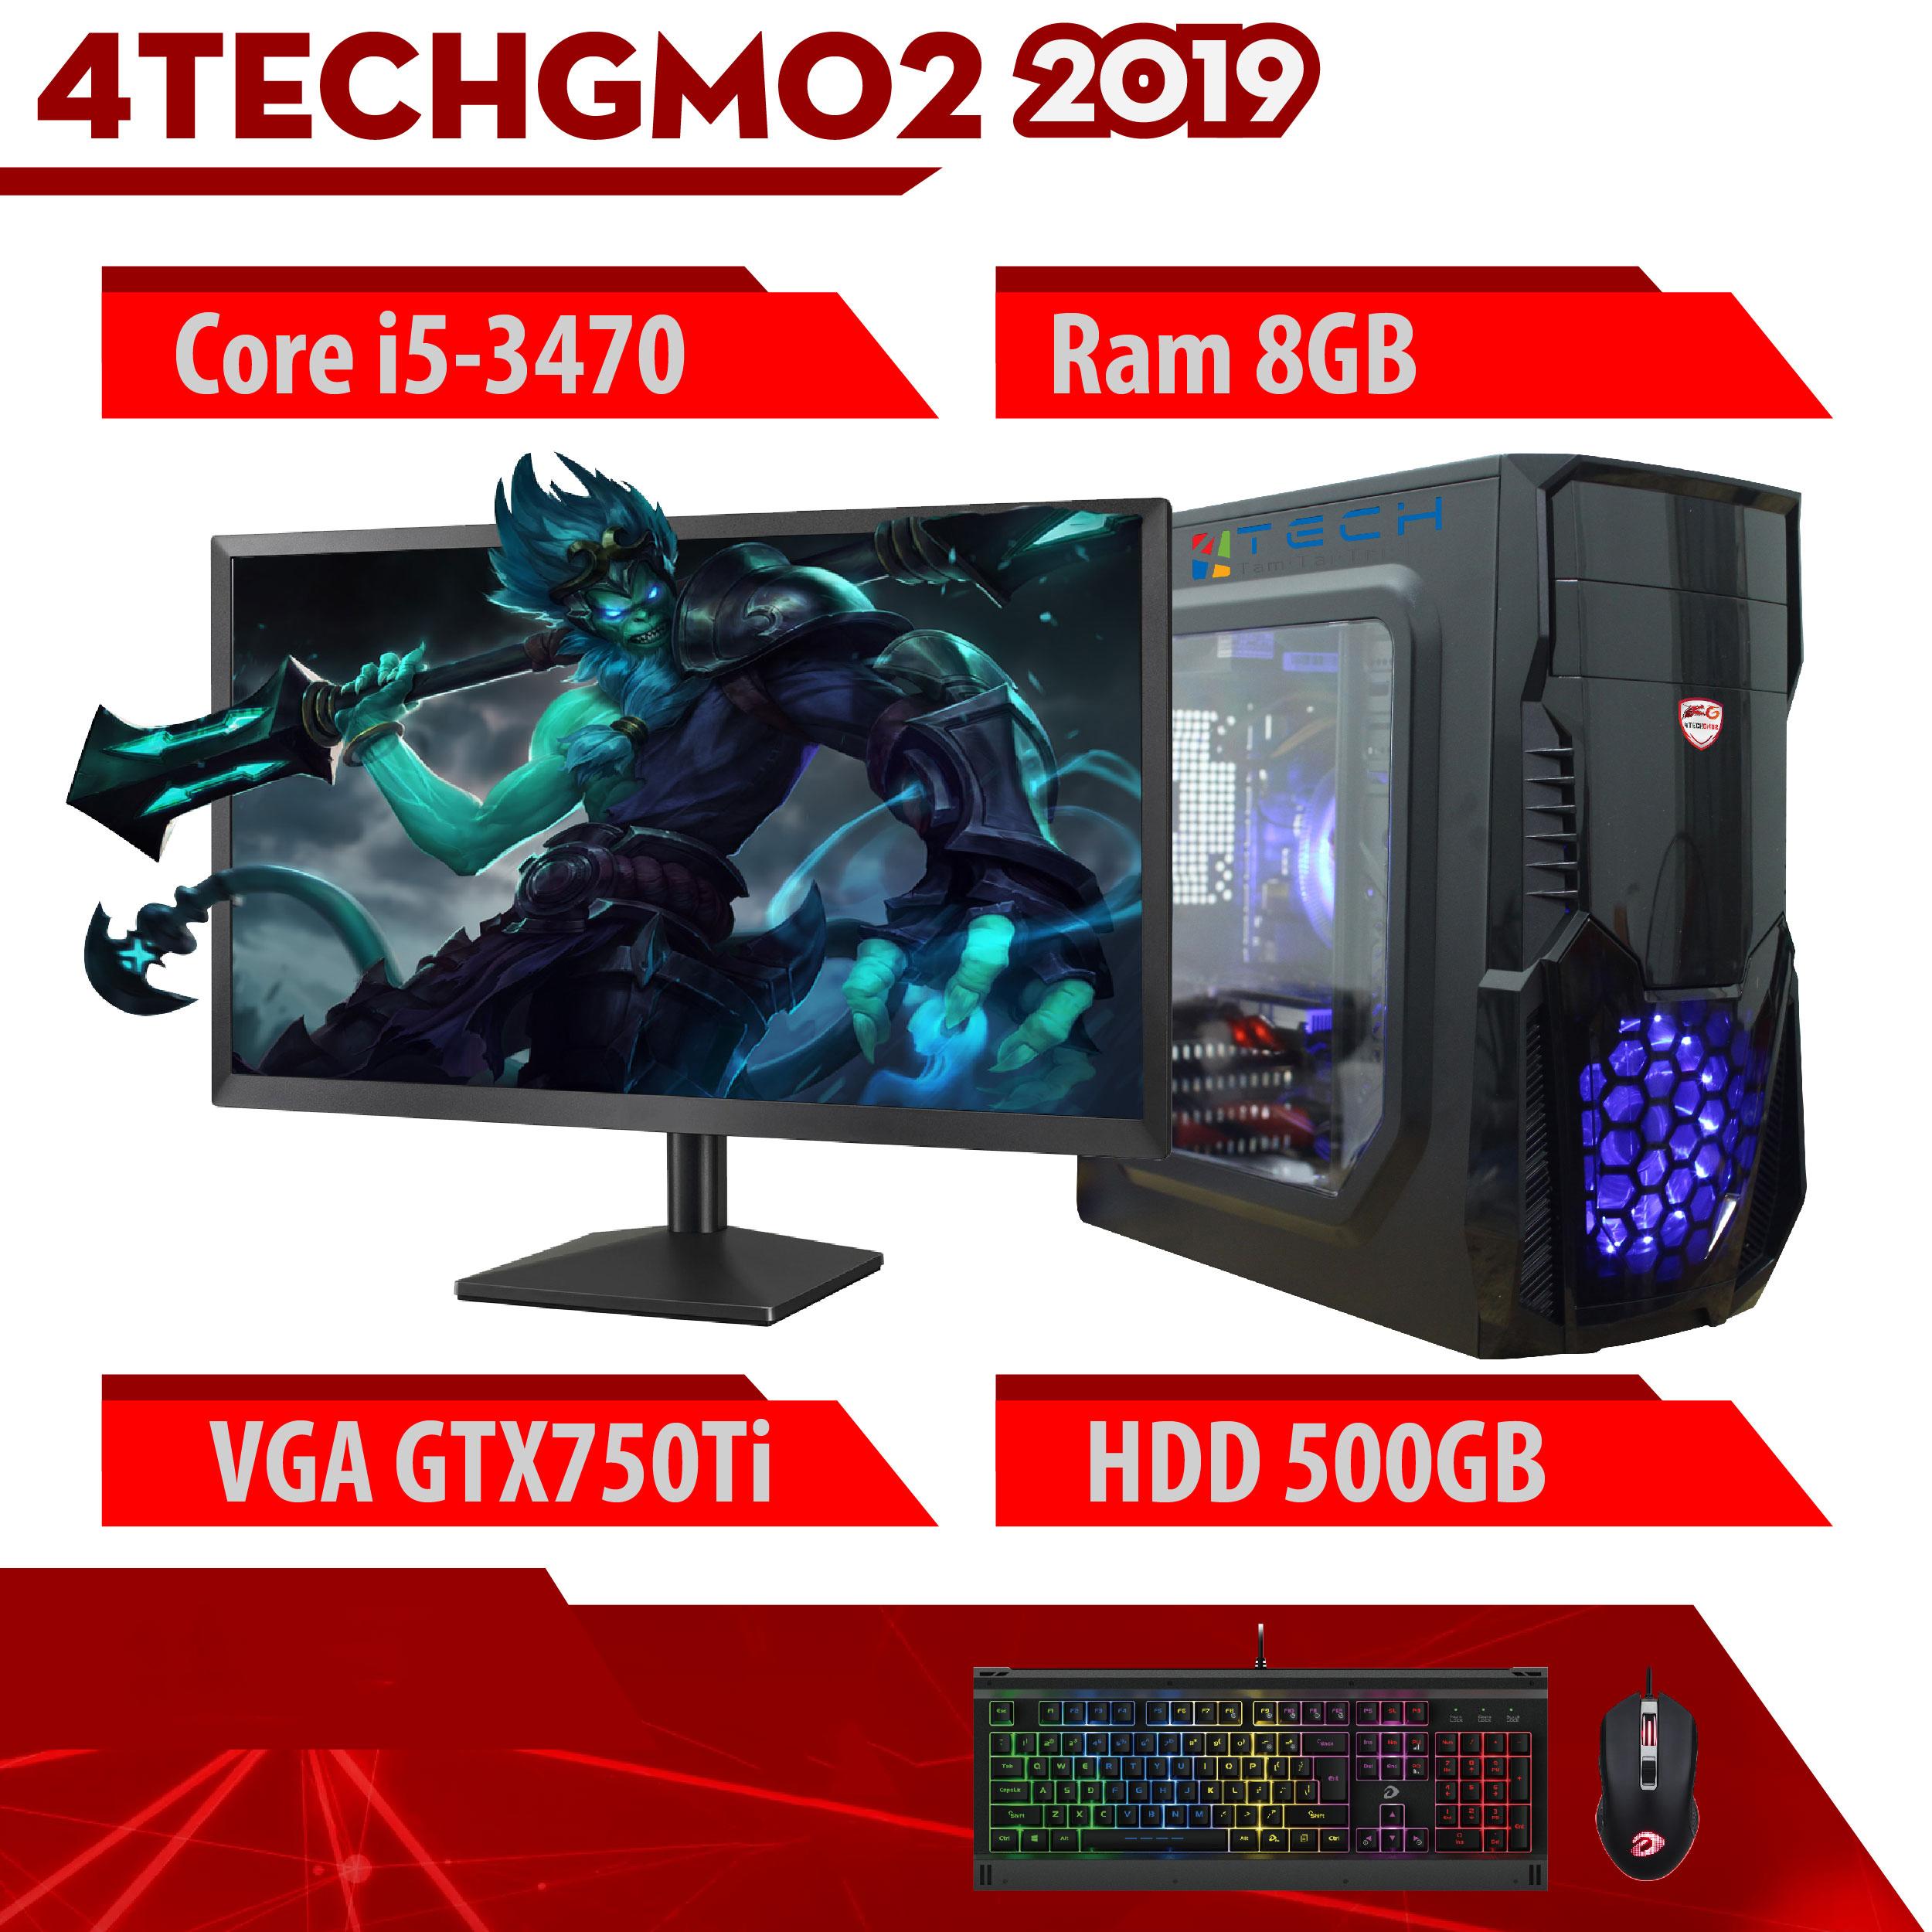 Nguyên bộ máy tính văn phòng, màn hình 22inch 4TechGM02 2019 Core i5 kèm kết nối wifi vào mạng không dây, chơi Maxsetting LOL, đột kích, Fifa, chơi tốt Gta5, Pubg. - Hàng Chính Hãng.